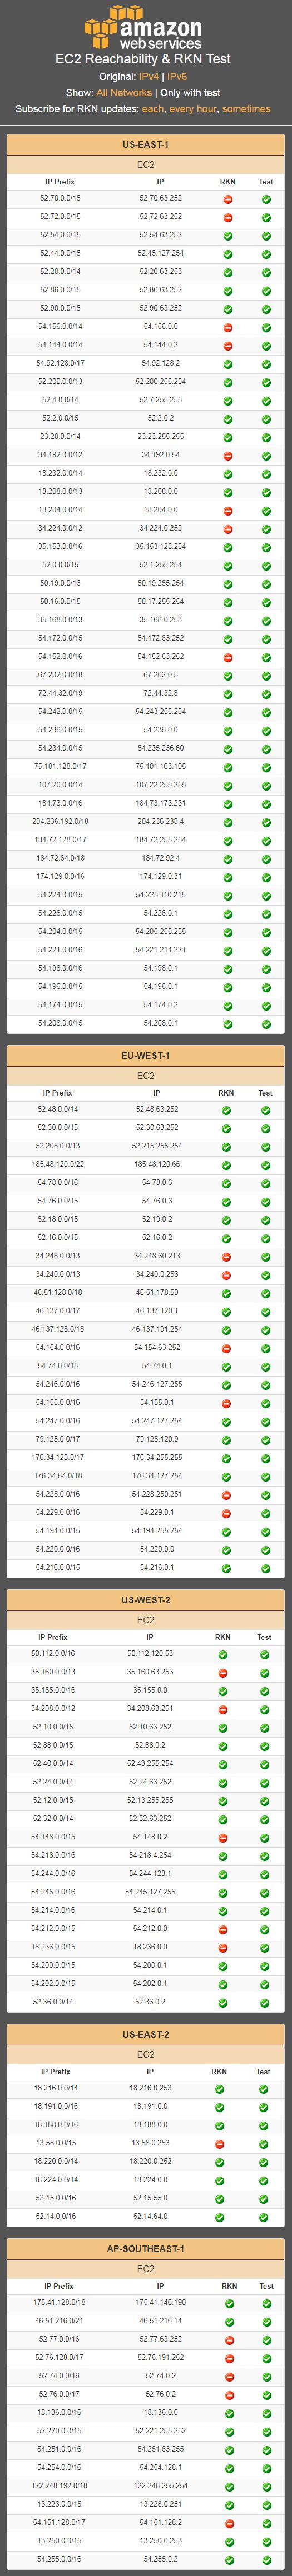 Роскомнадзор угрожает 15-ти хостинг-провайдерам. WhatsApp и Viber тоже могут заблокировать - 3